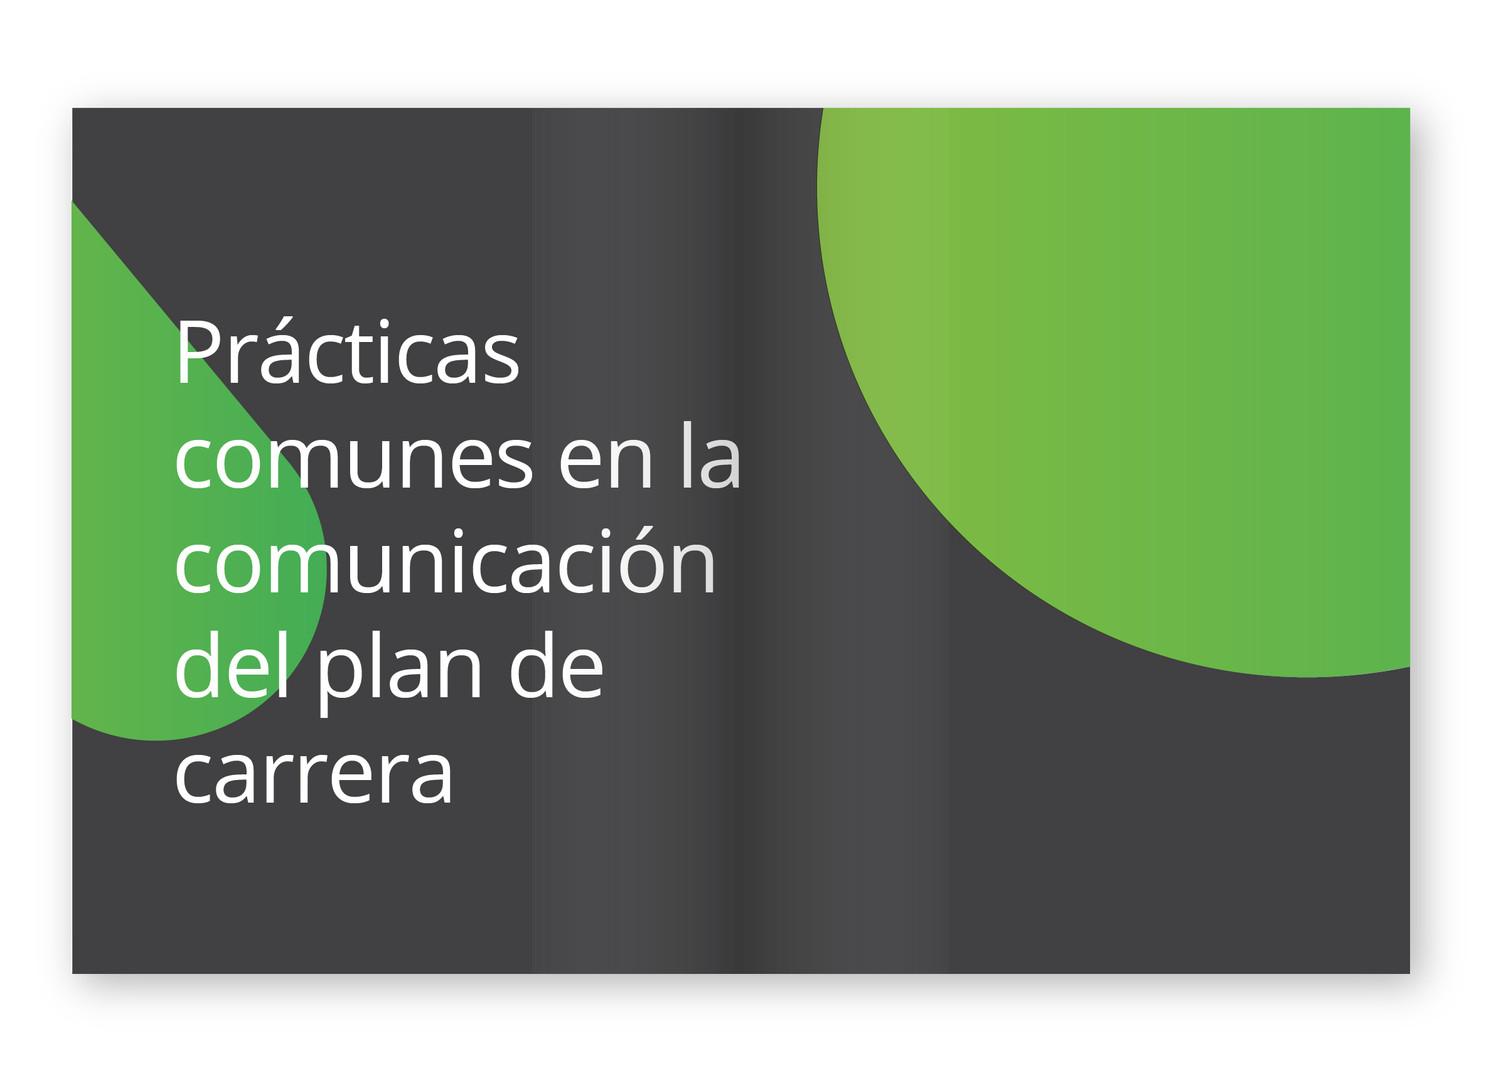 Prácticas_comunes_en_la_comunicación_del